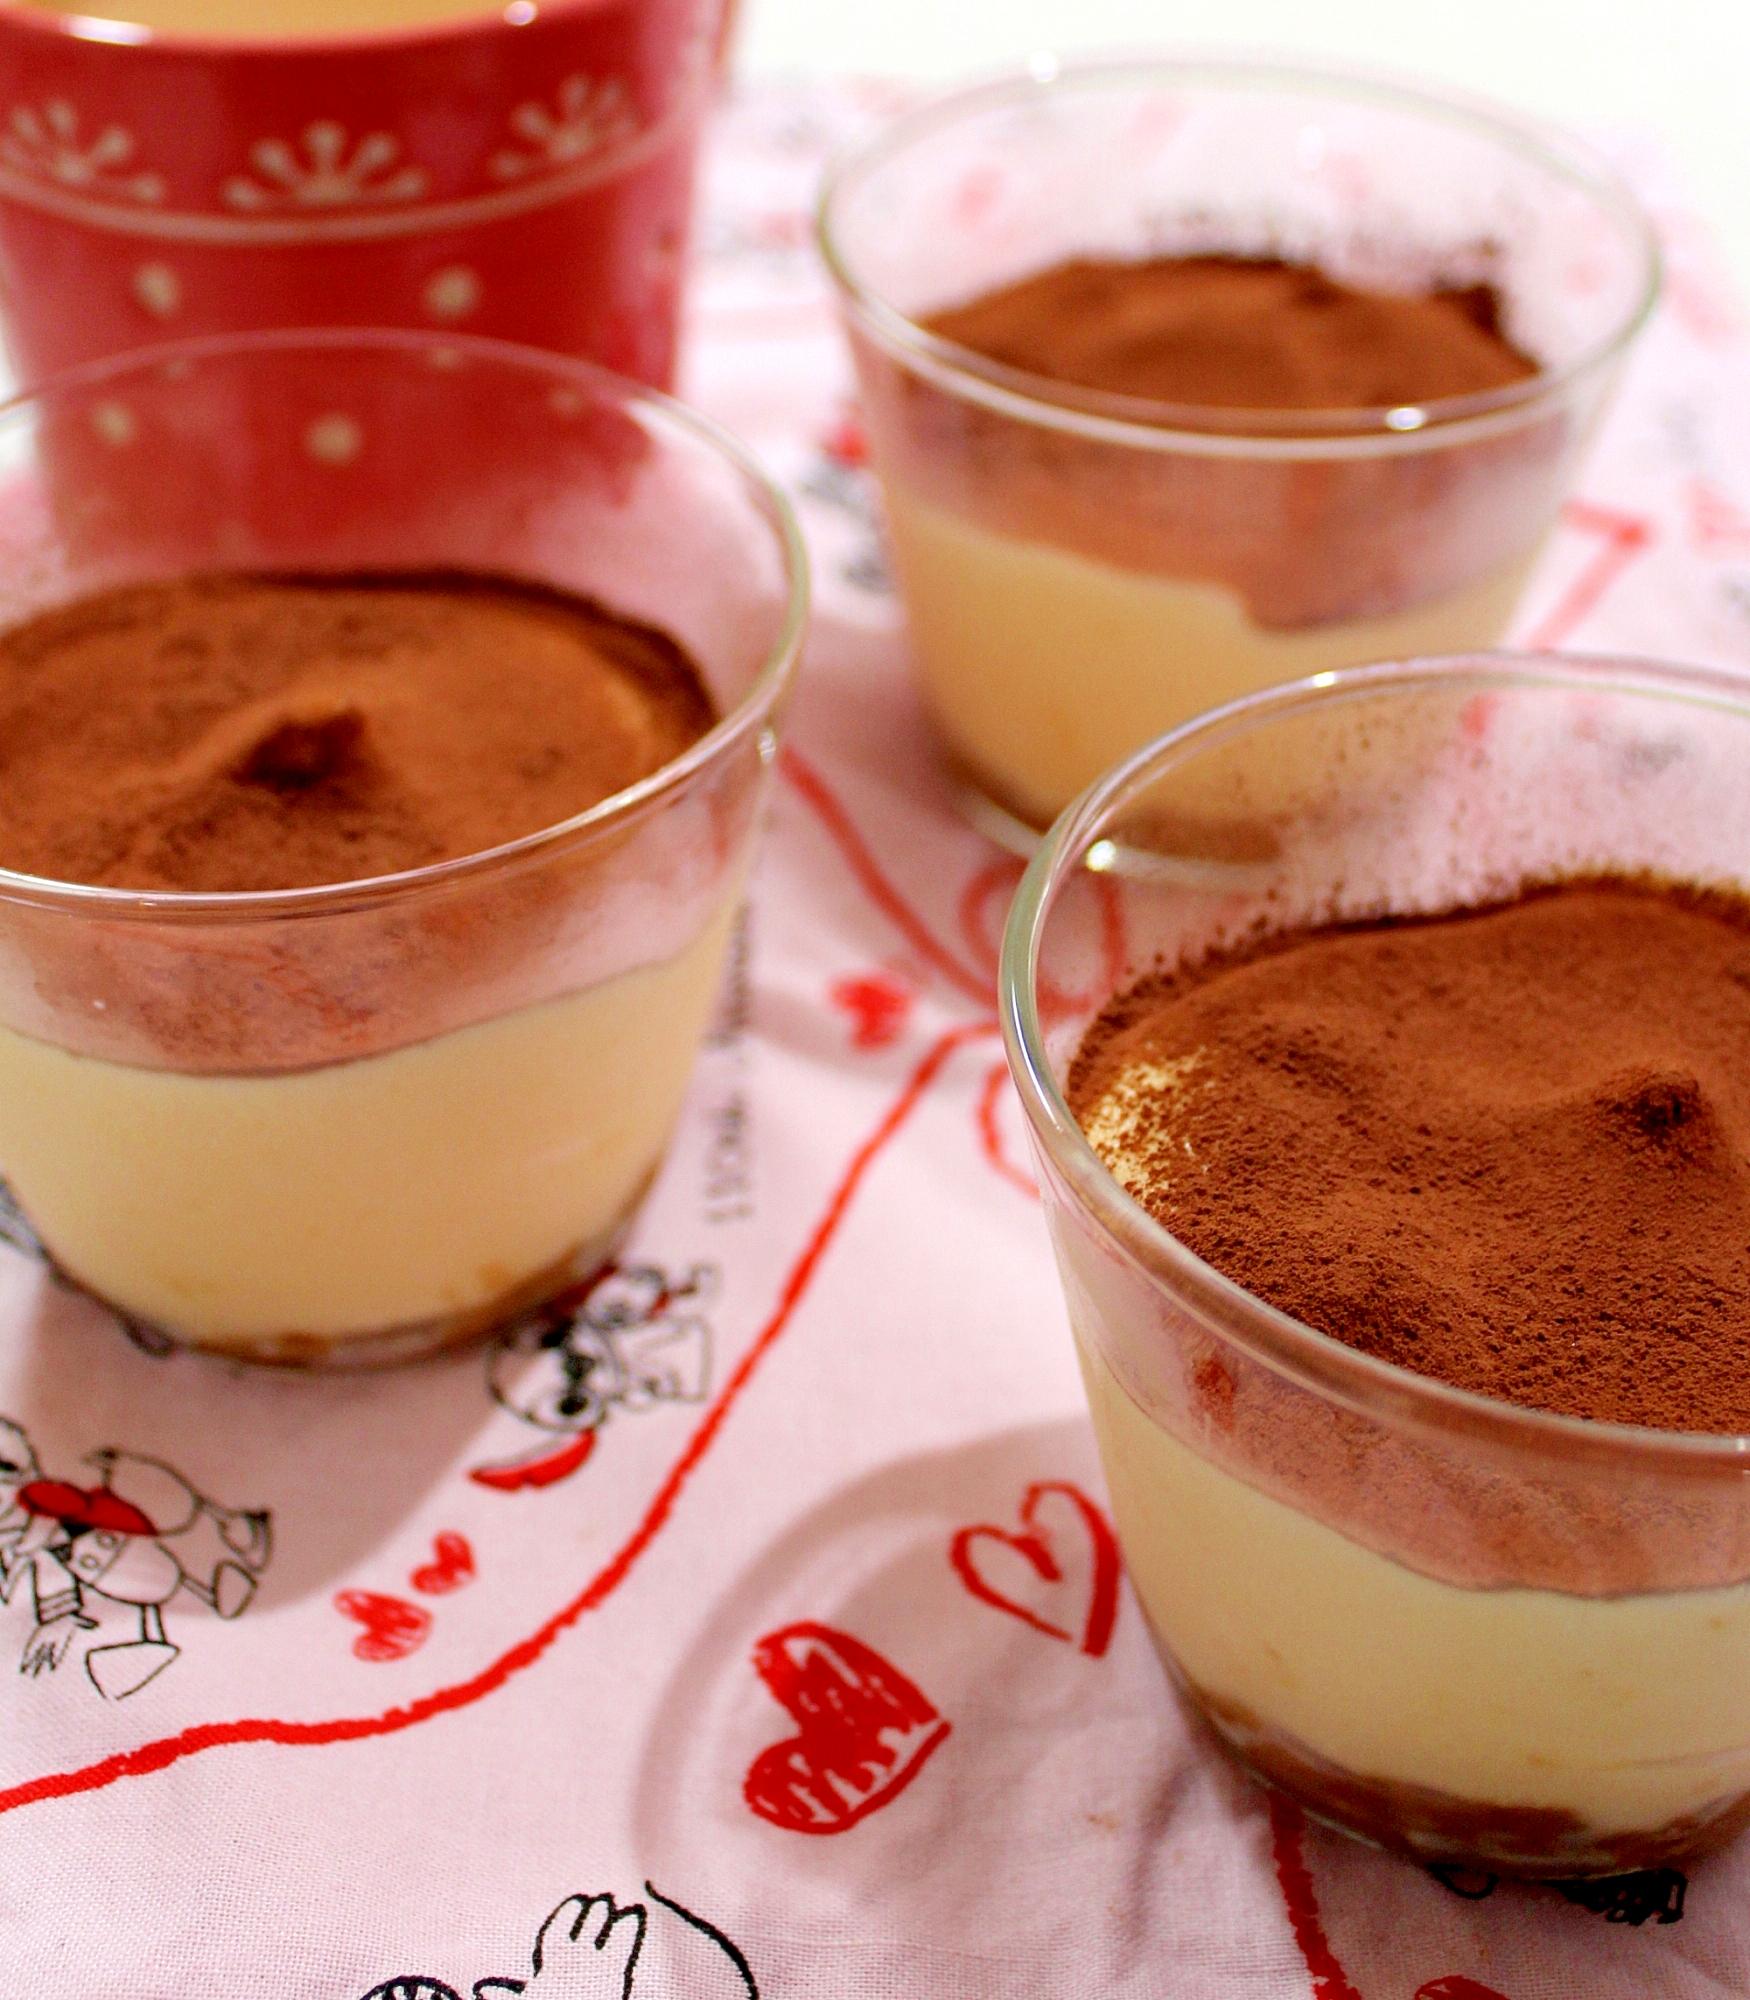 【糖質制限】低カロリー♪絹豆腐で簡単ティラミス風